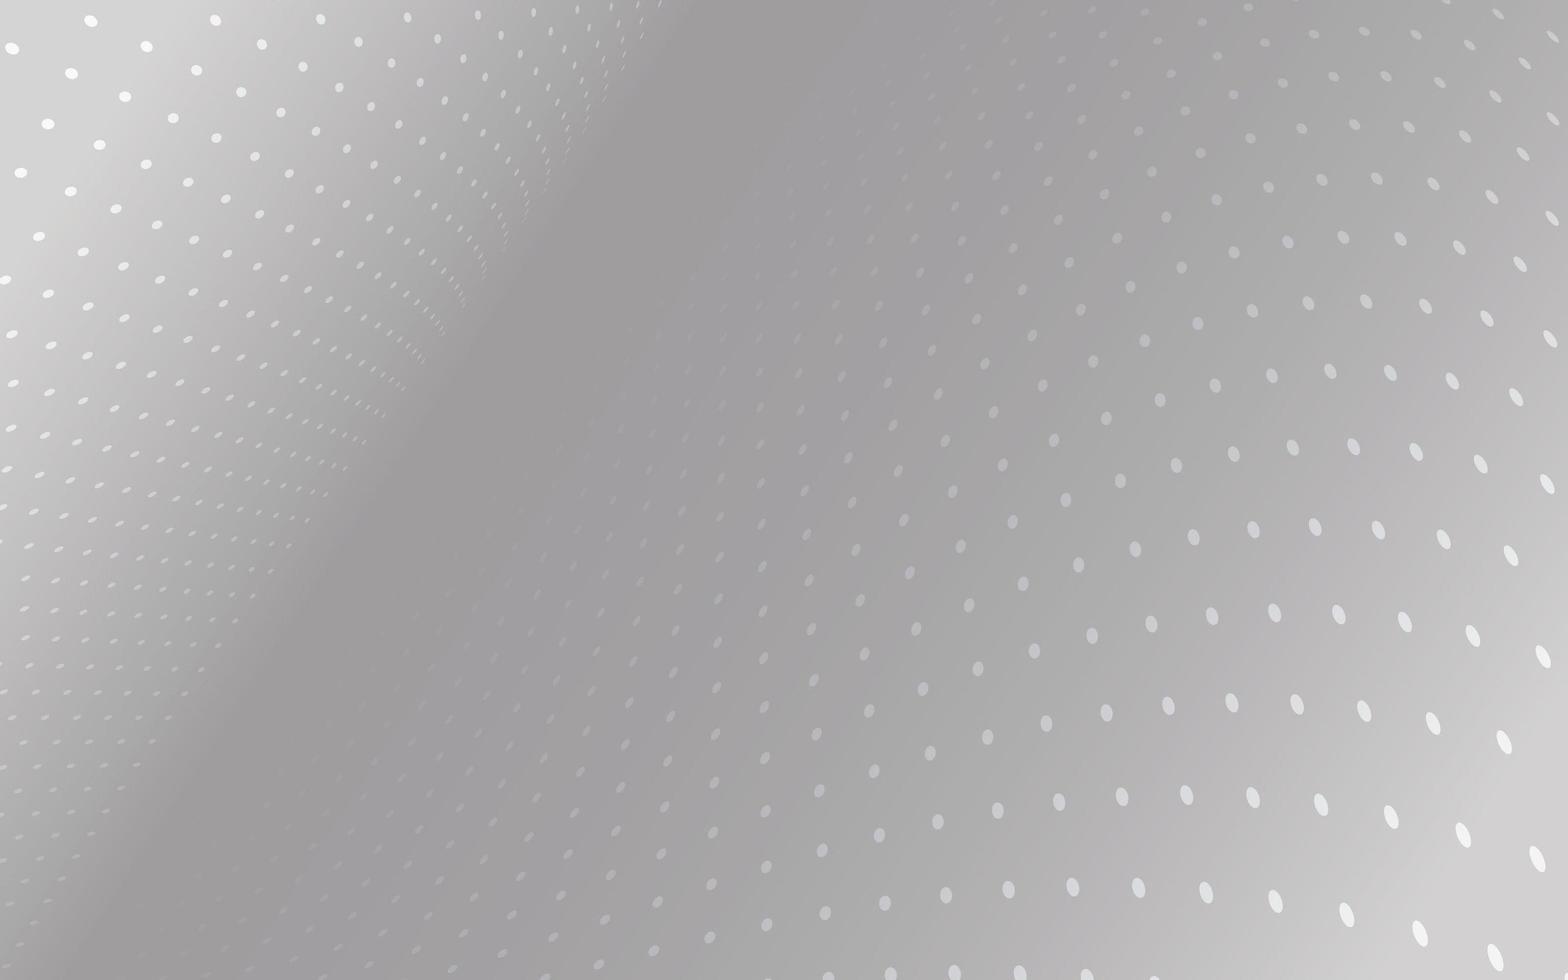 flytande grå bakgrund med prickar vektor